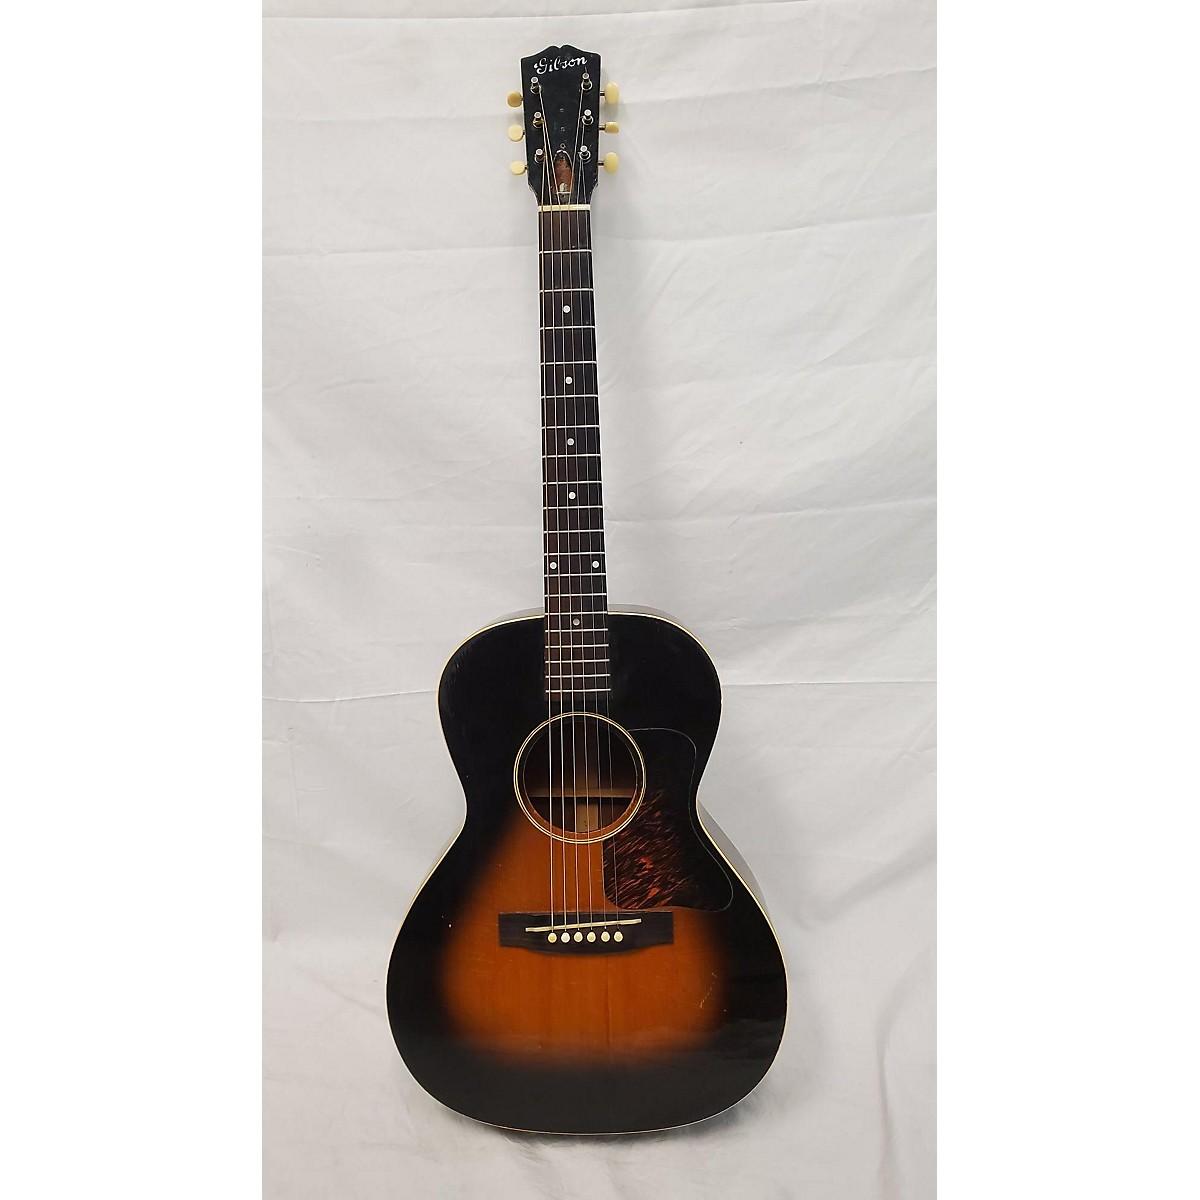 Gibson 1930s Gibson L-00 Sunburst Acoustic Guitar